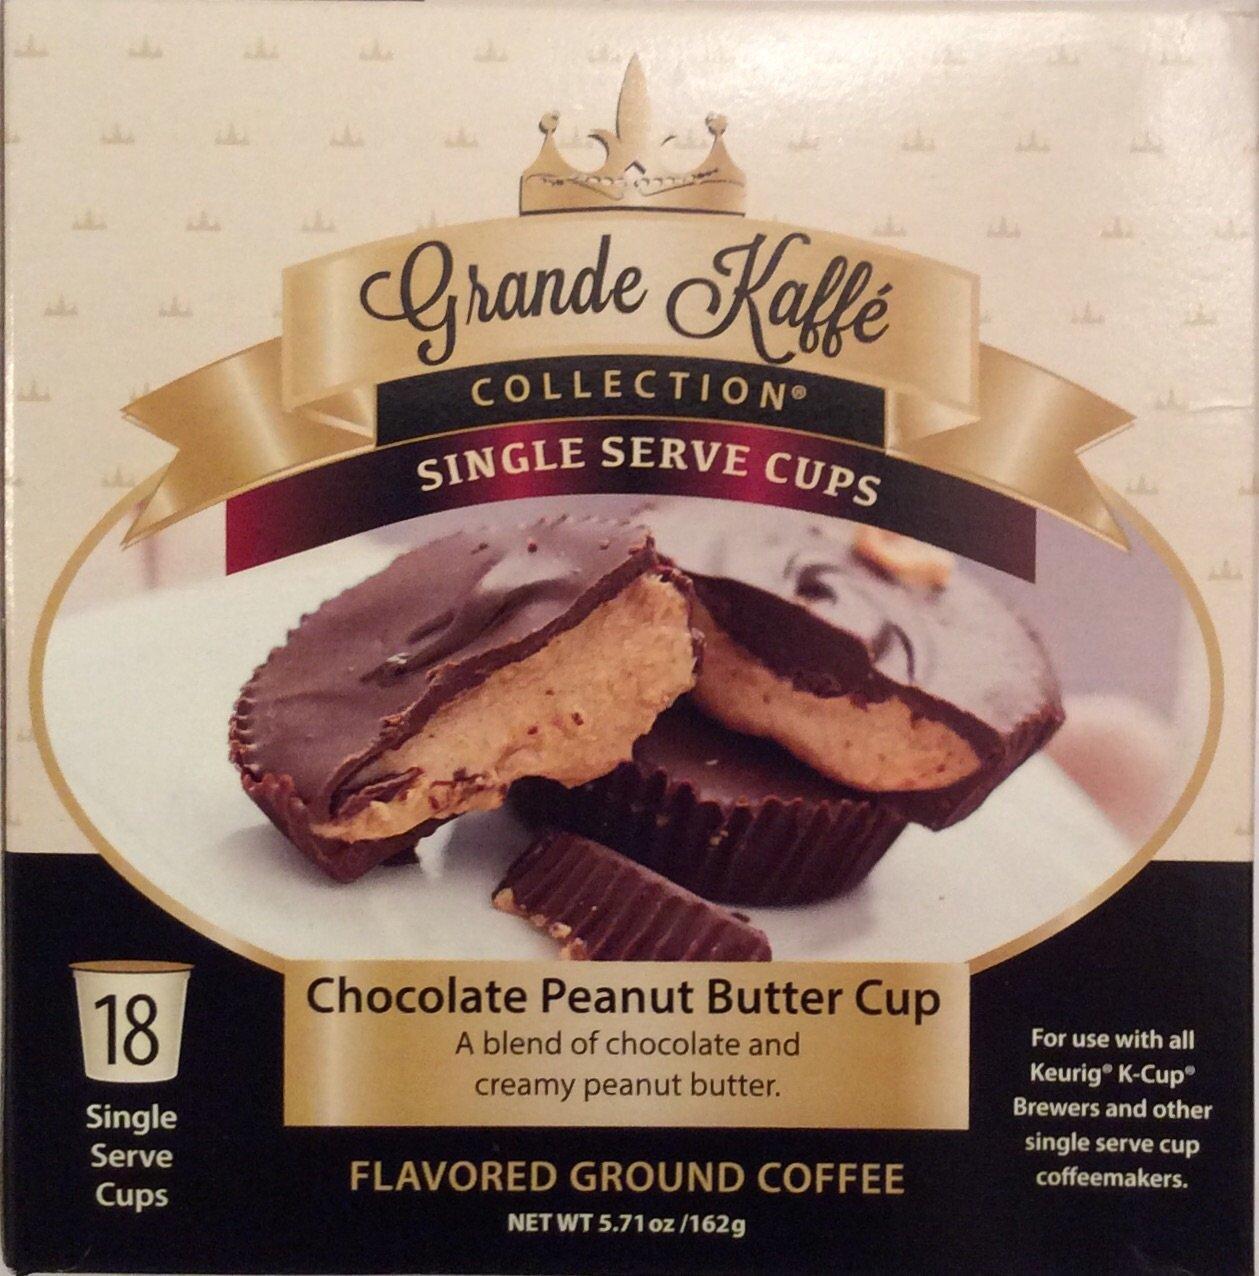 Market Amp Main Chocolate Peanut Butter Cup Single Serve